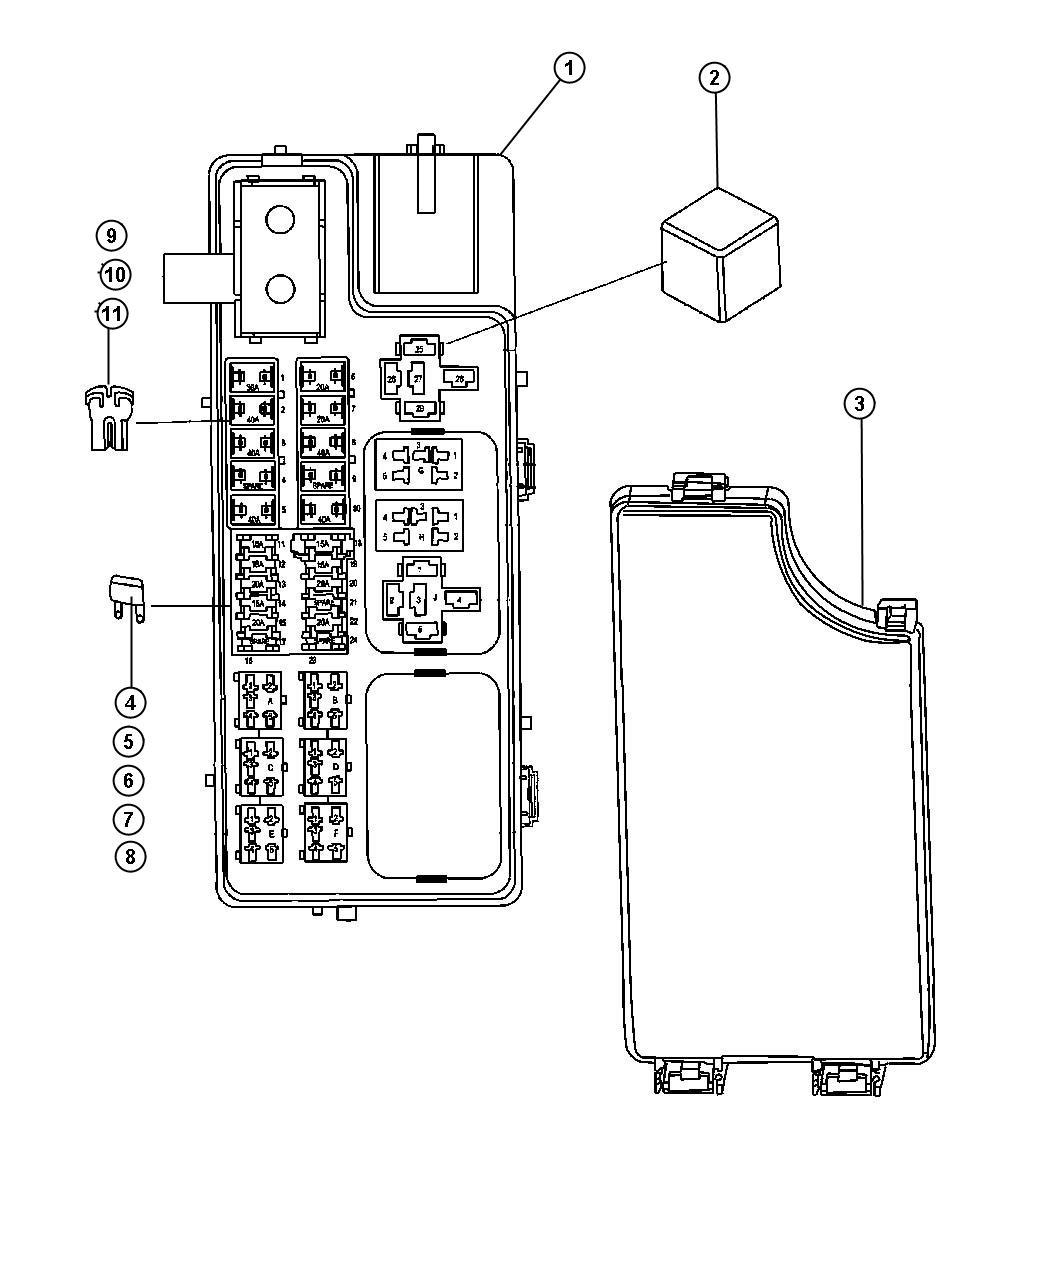 2010 jeep comp fuse box schema diagram preview Ford Fuse Box Diagram